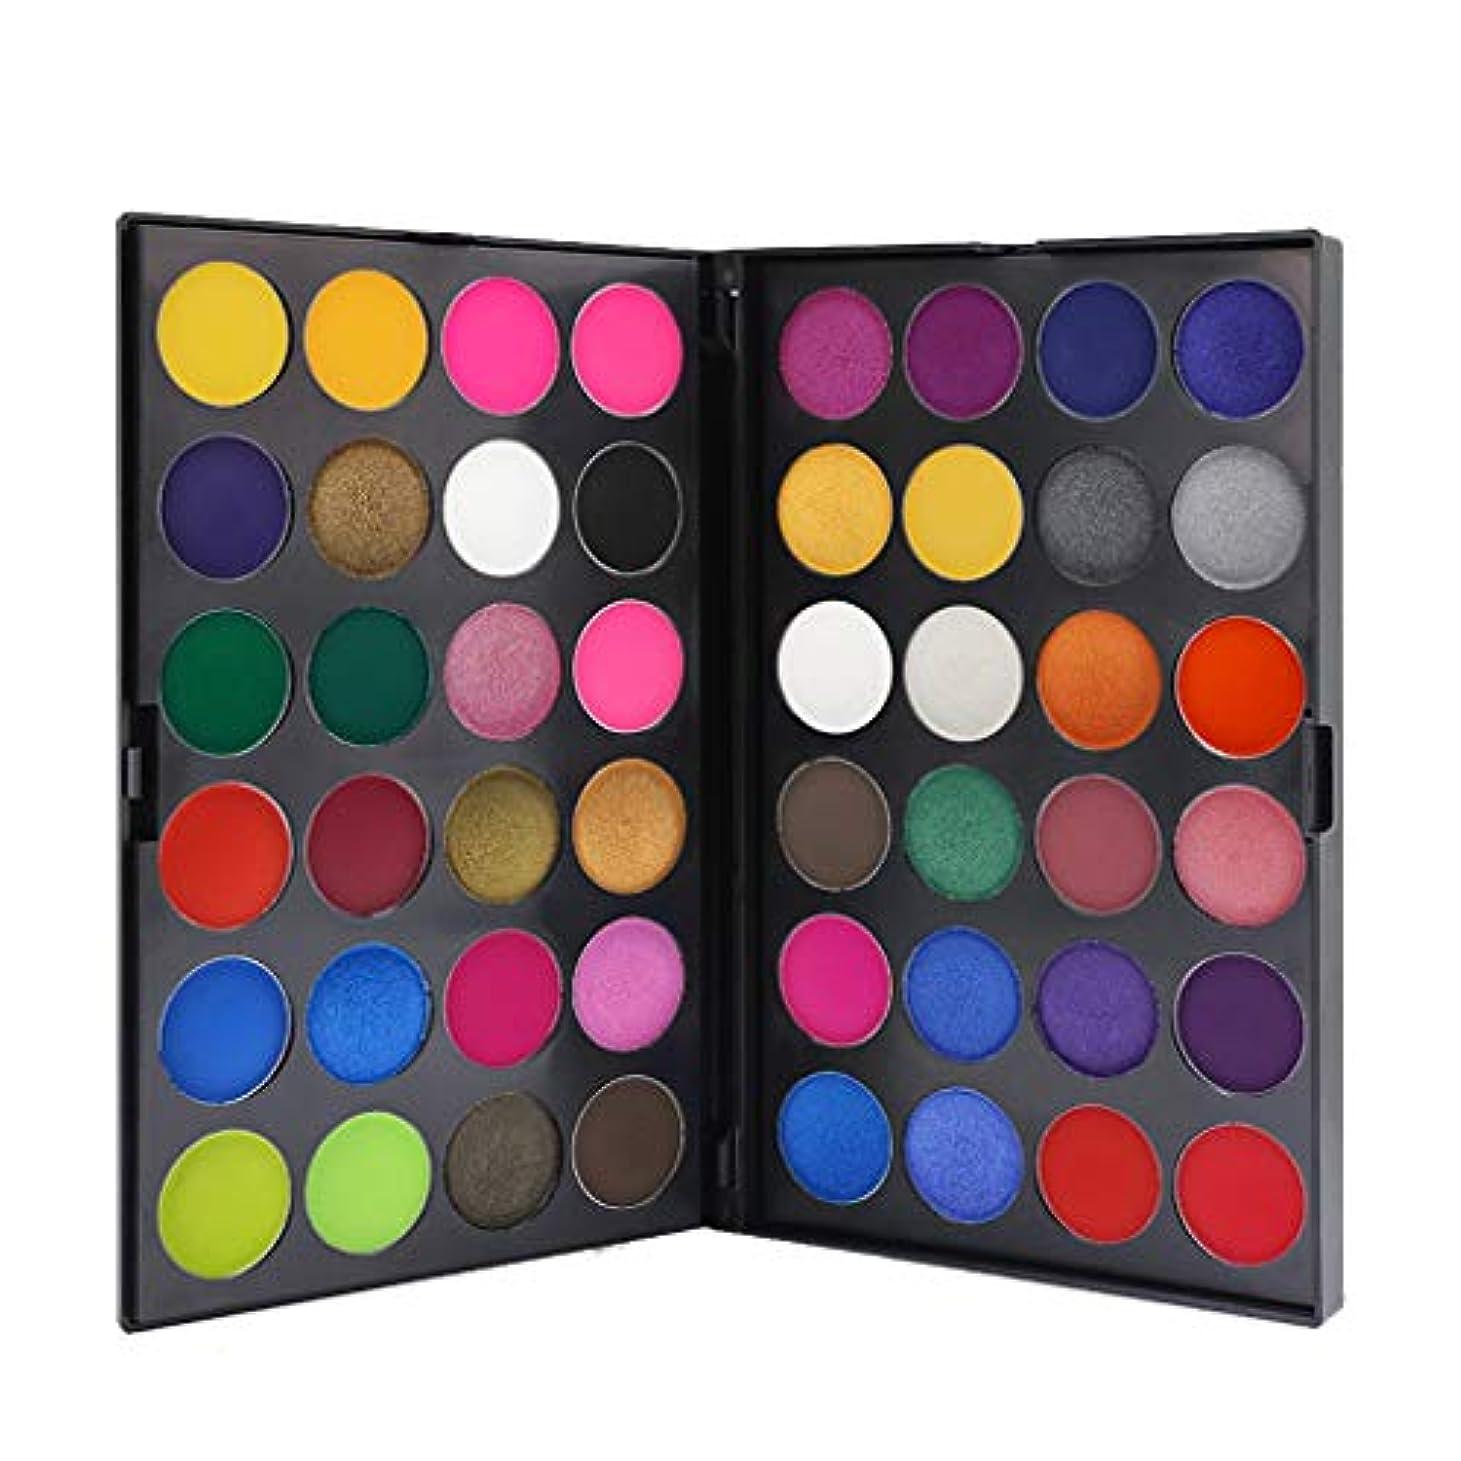 アレルギー性メンタリティ材料48色のきらめきのきらめきのアイシャドウの粉のマットのアイシャドウの化粧品の構造